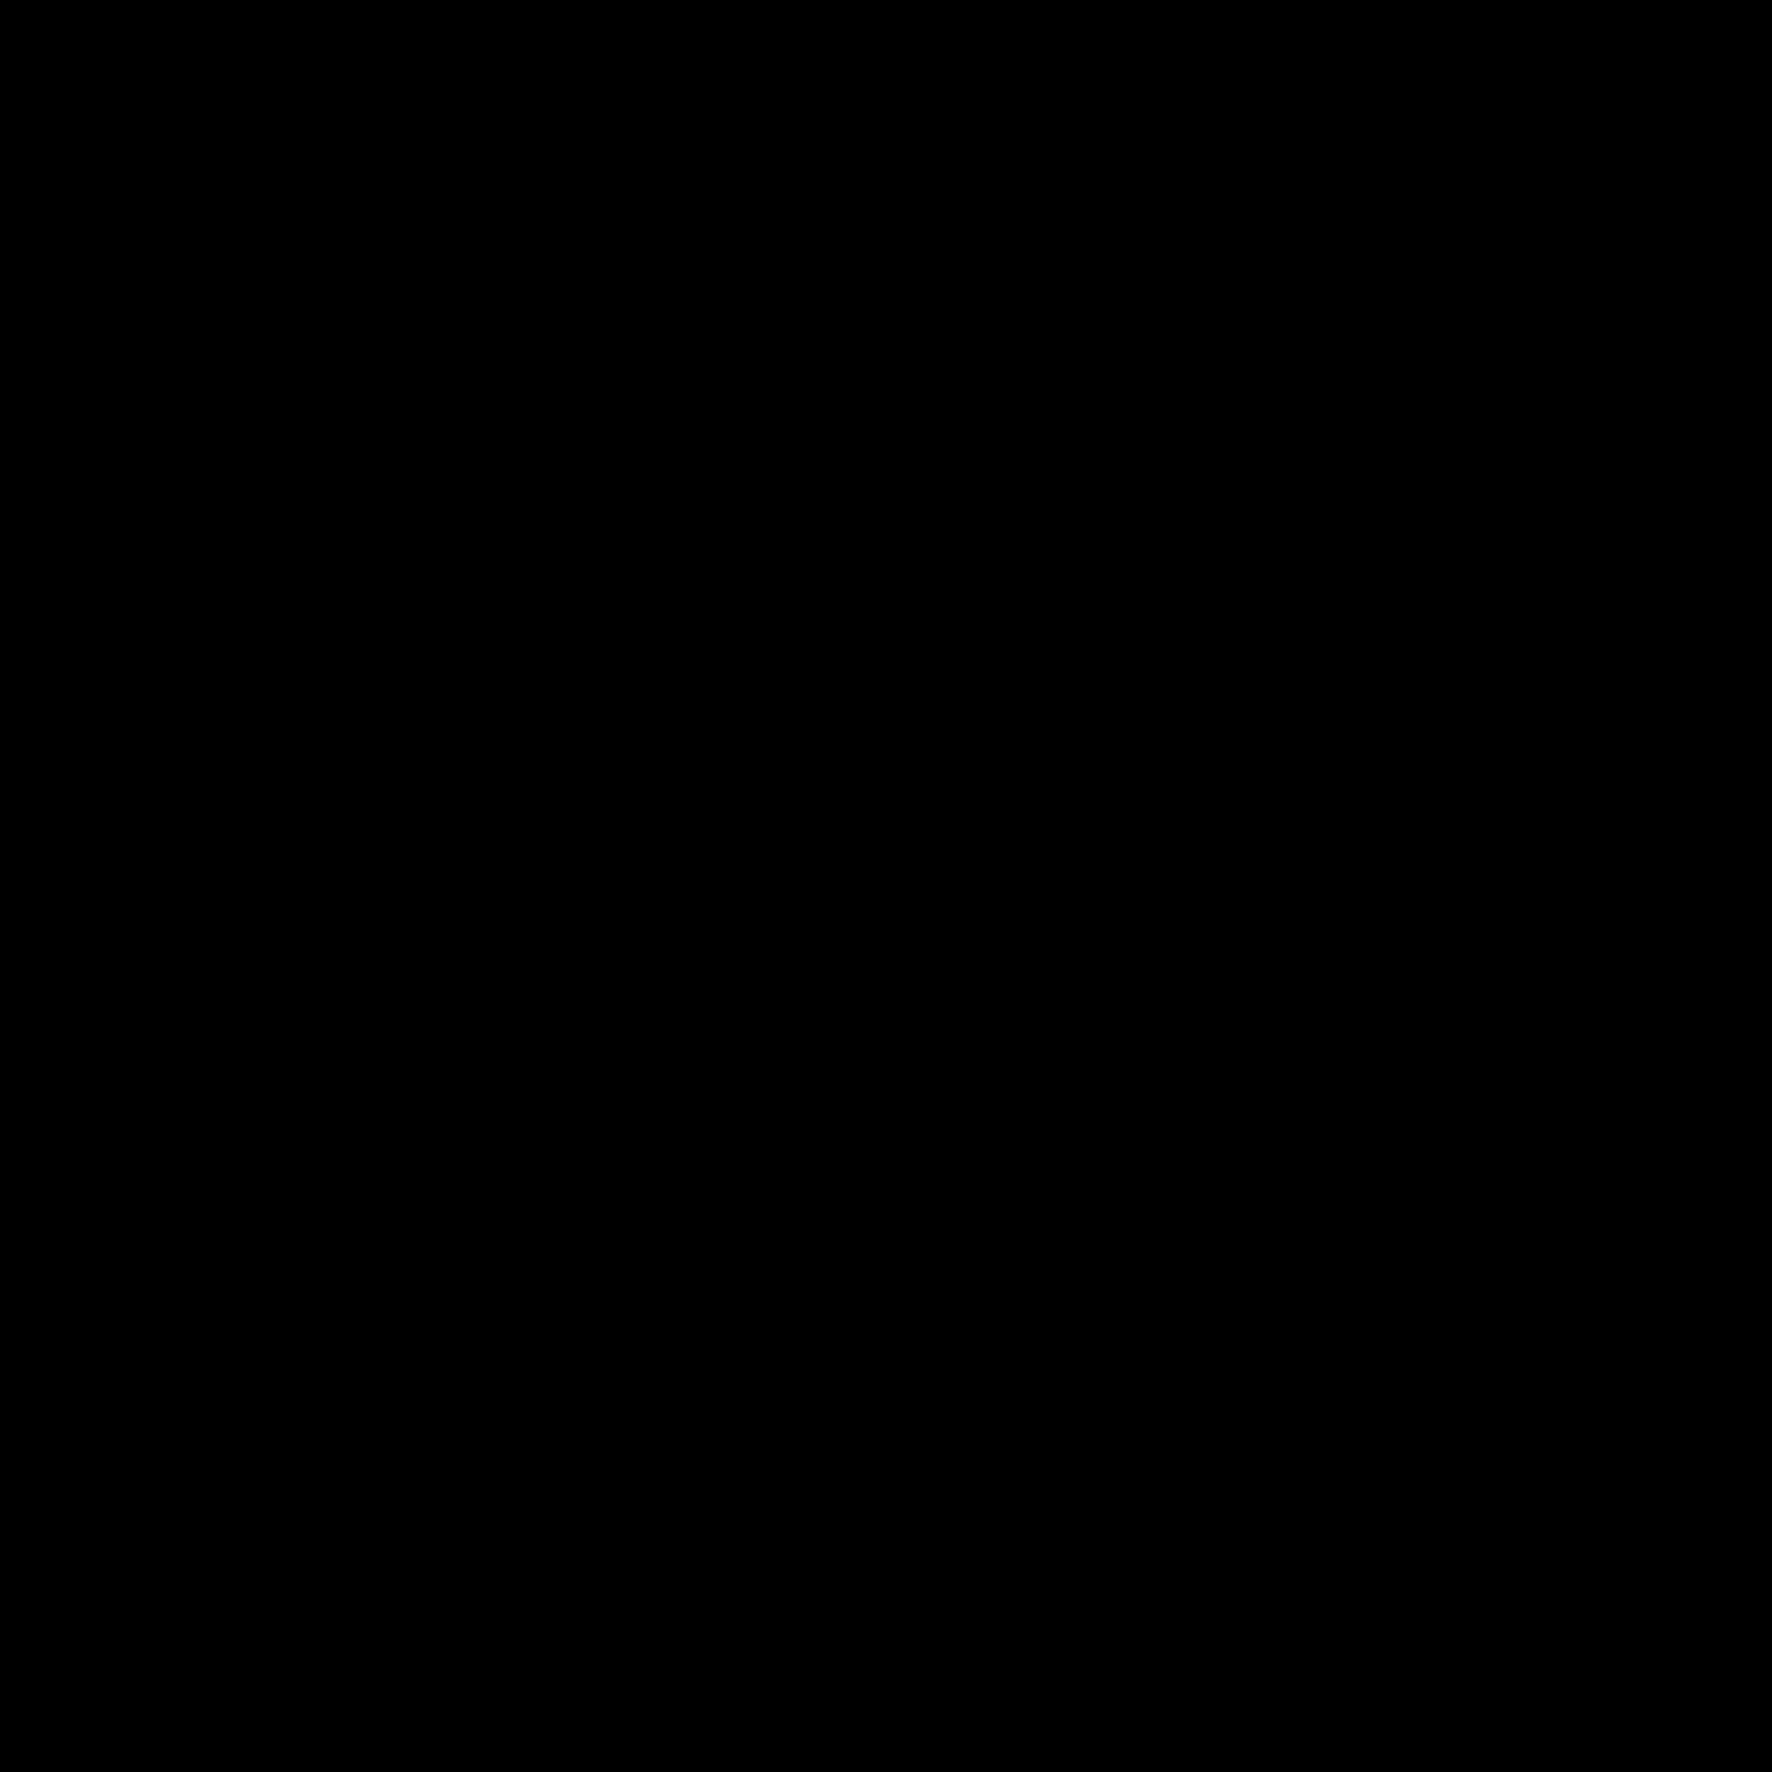 katja-ropeter-2